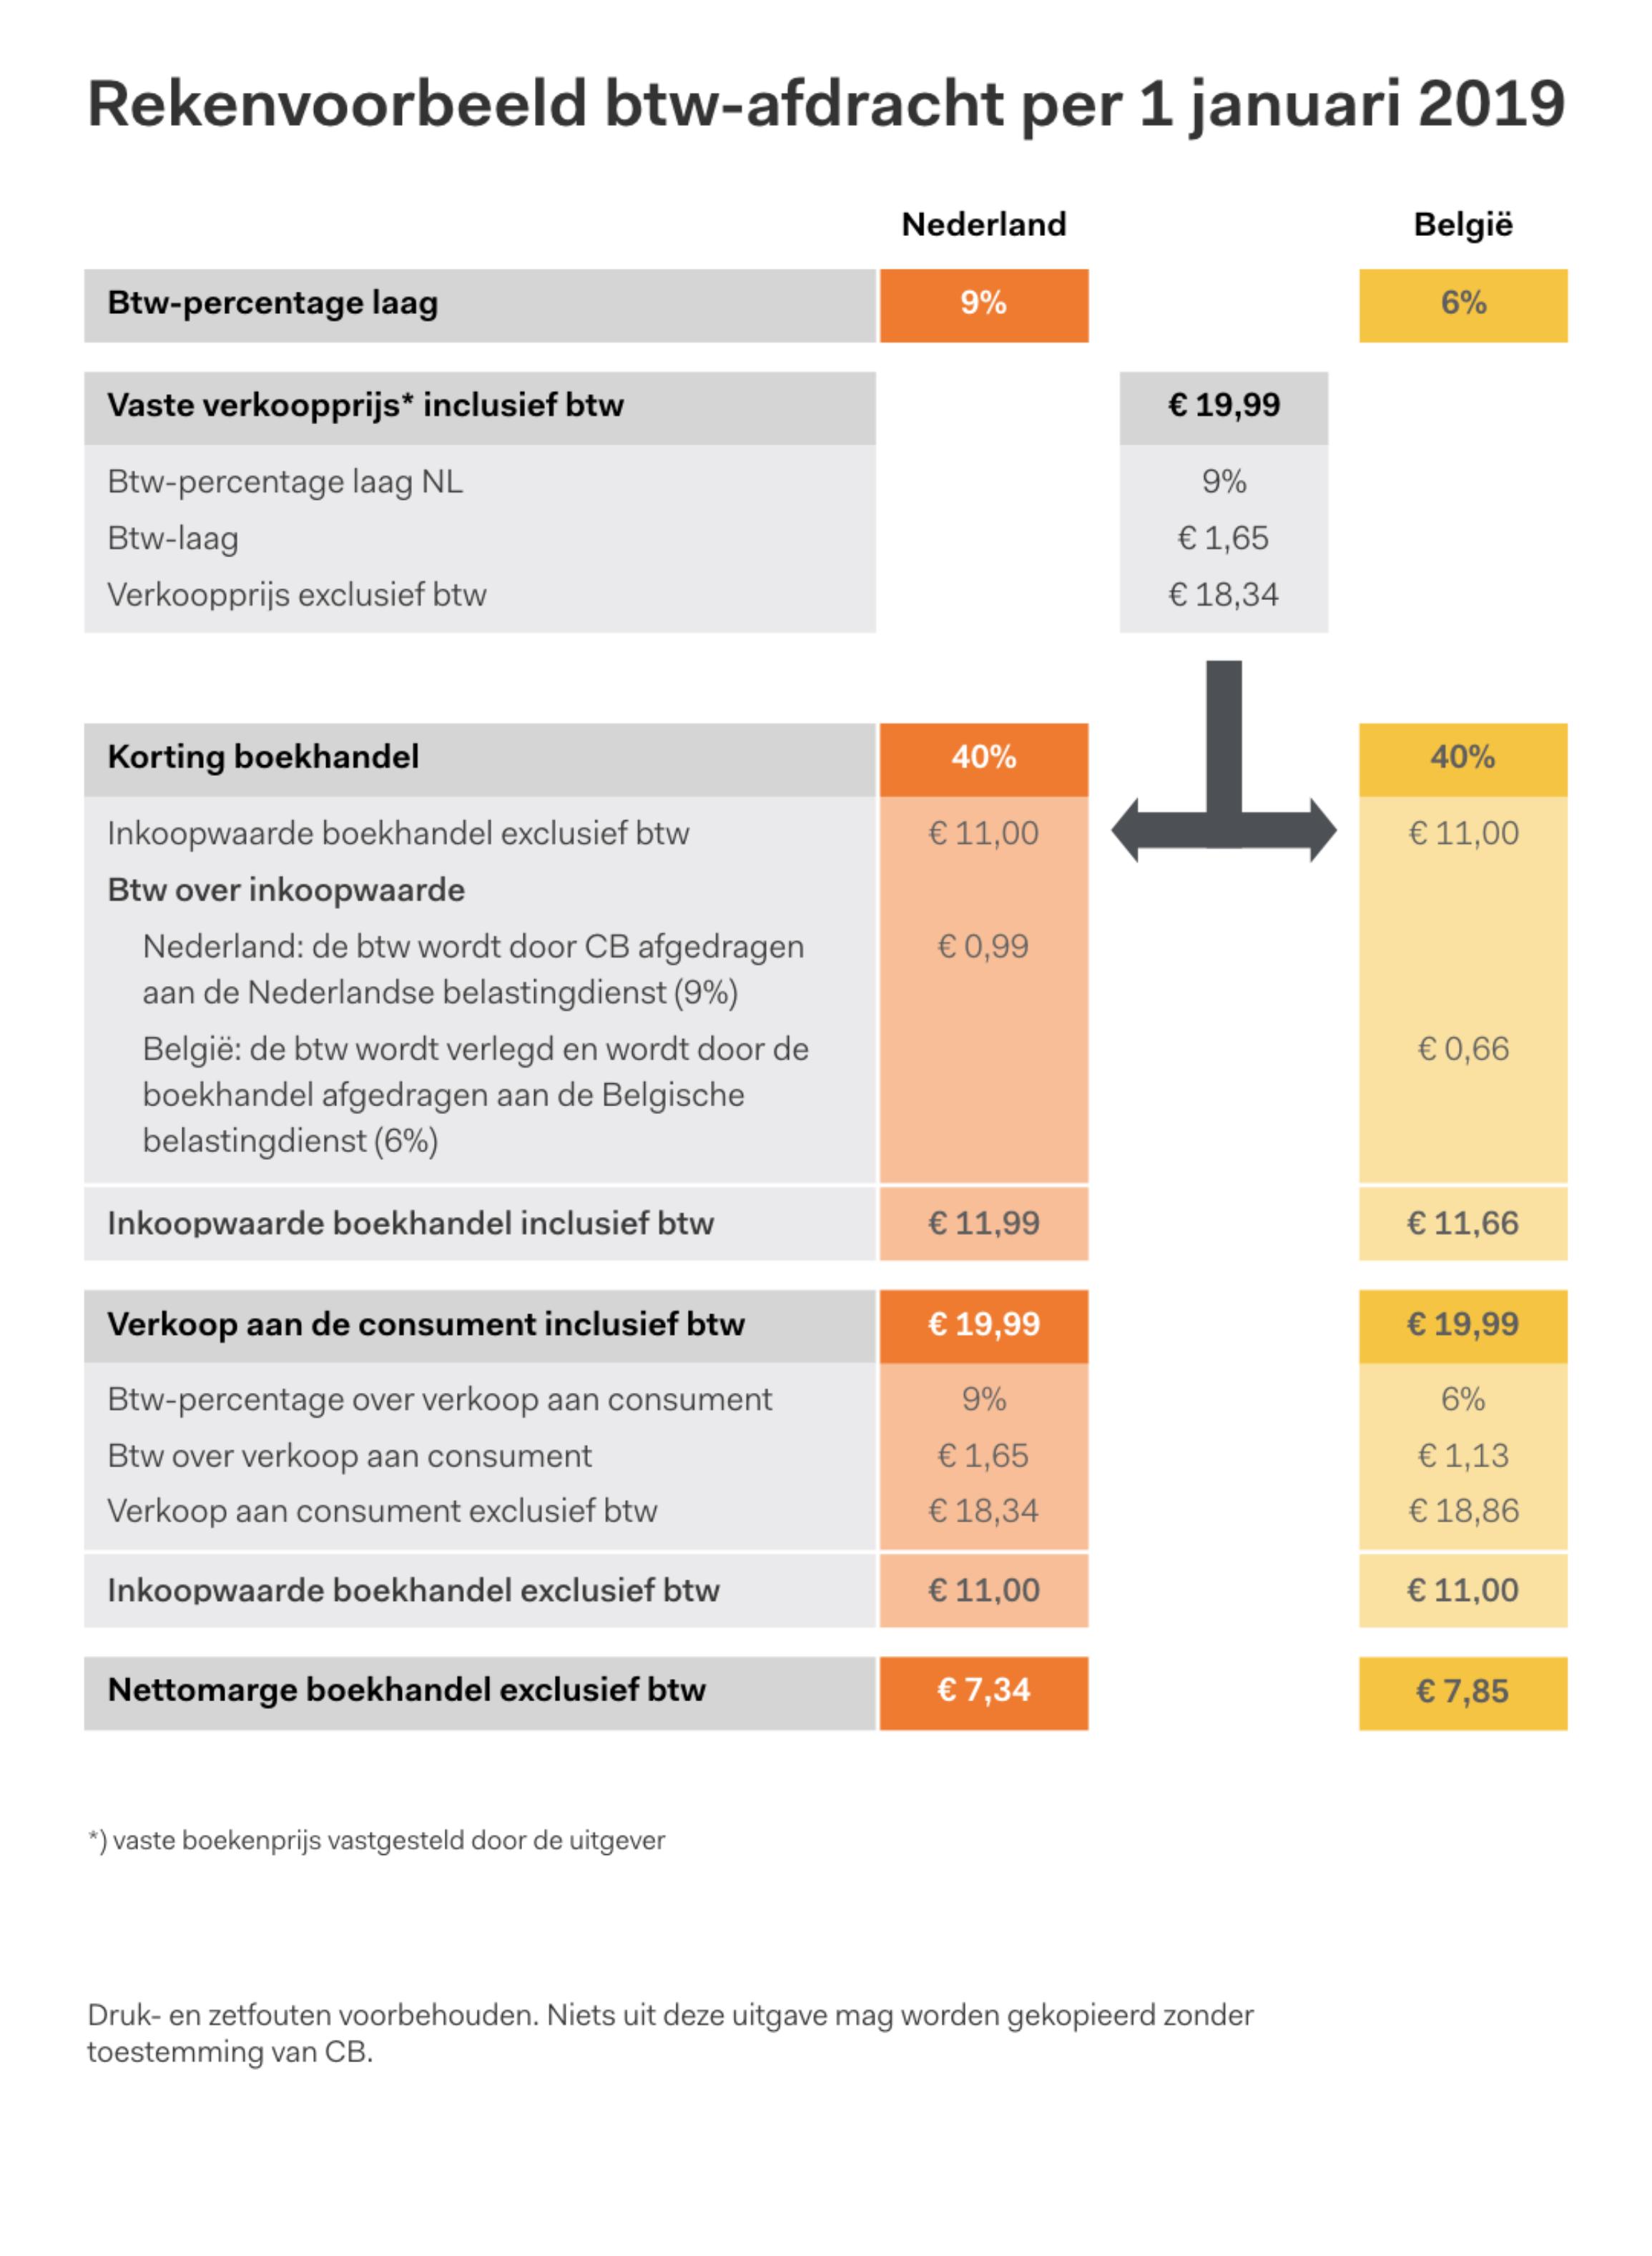 Nederlands btw-tarief van 6% naar 9%